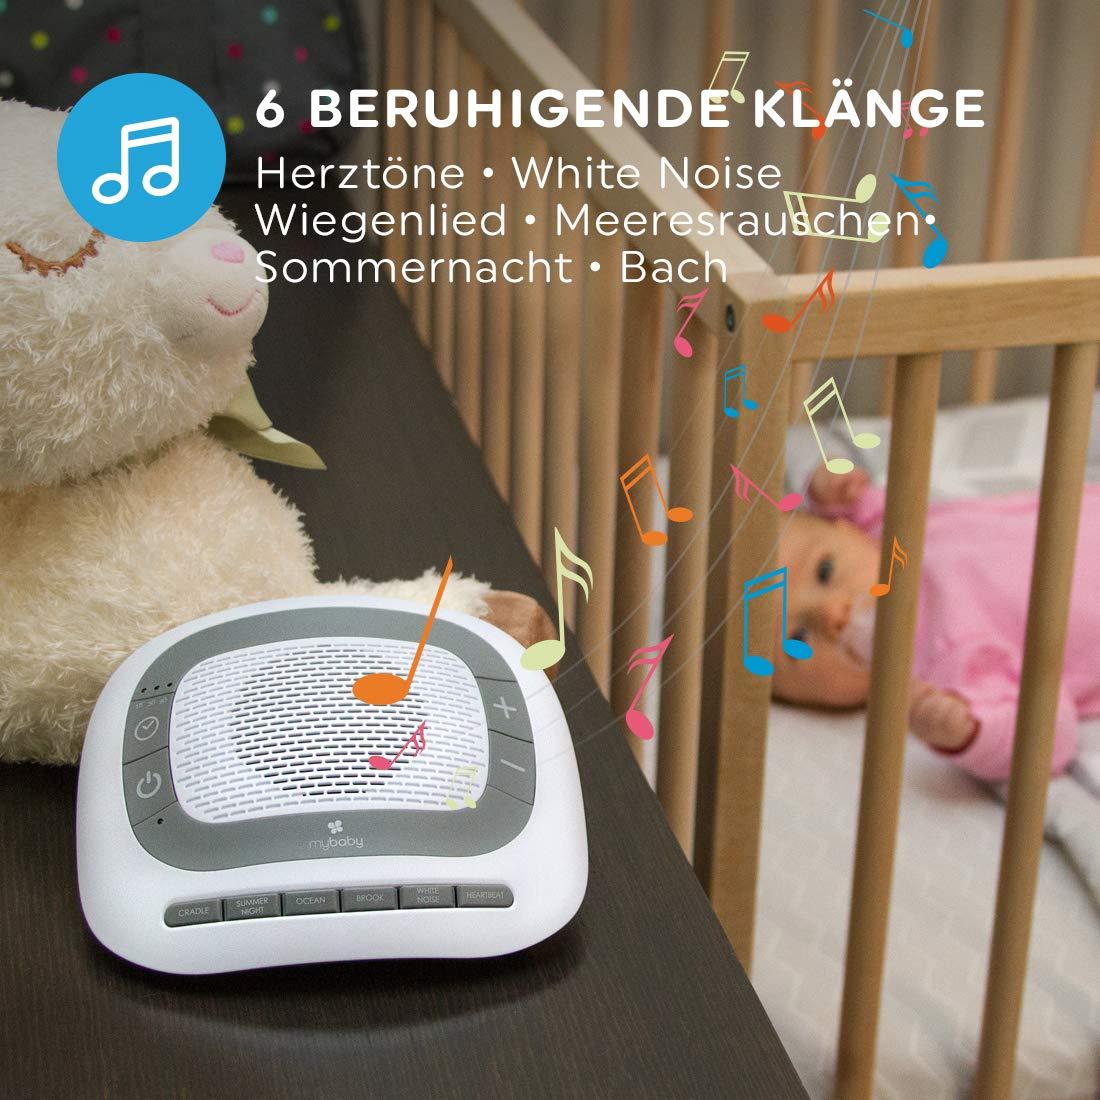 Einschlafhilfe f/ür Babys und Kleinkinder mit Schlafliedern /& nat/ürlichen Kl/ängen wie Herzt/öne Meeresrauschen Timerfunktion MyBaby SoundSpa White Noise /& beruhigende Kl/änge Wei/ßes Rauschen